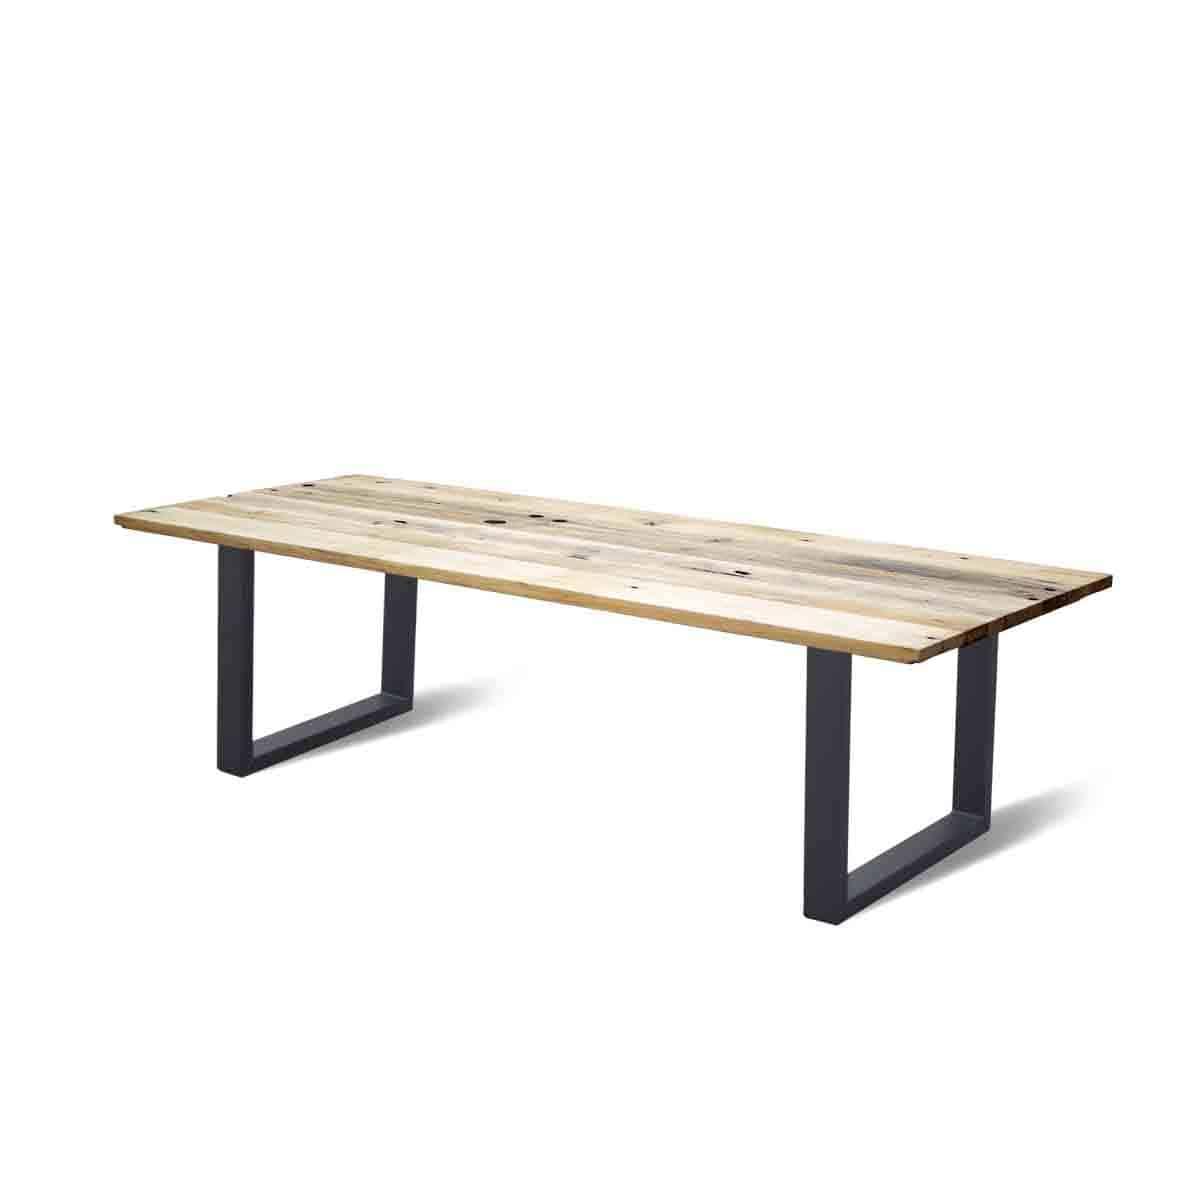 recht industriele eetkamer keuken tafel eiken wagonhout geleefd rustiek staal